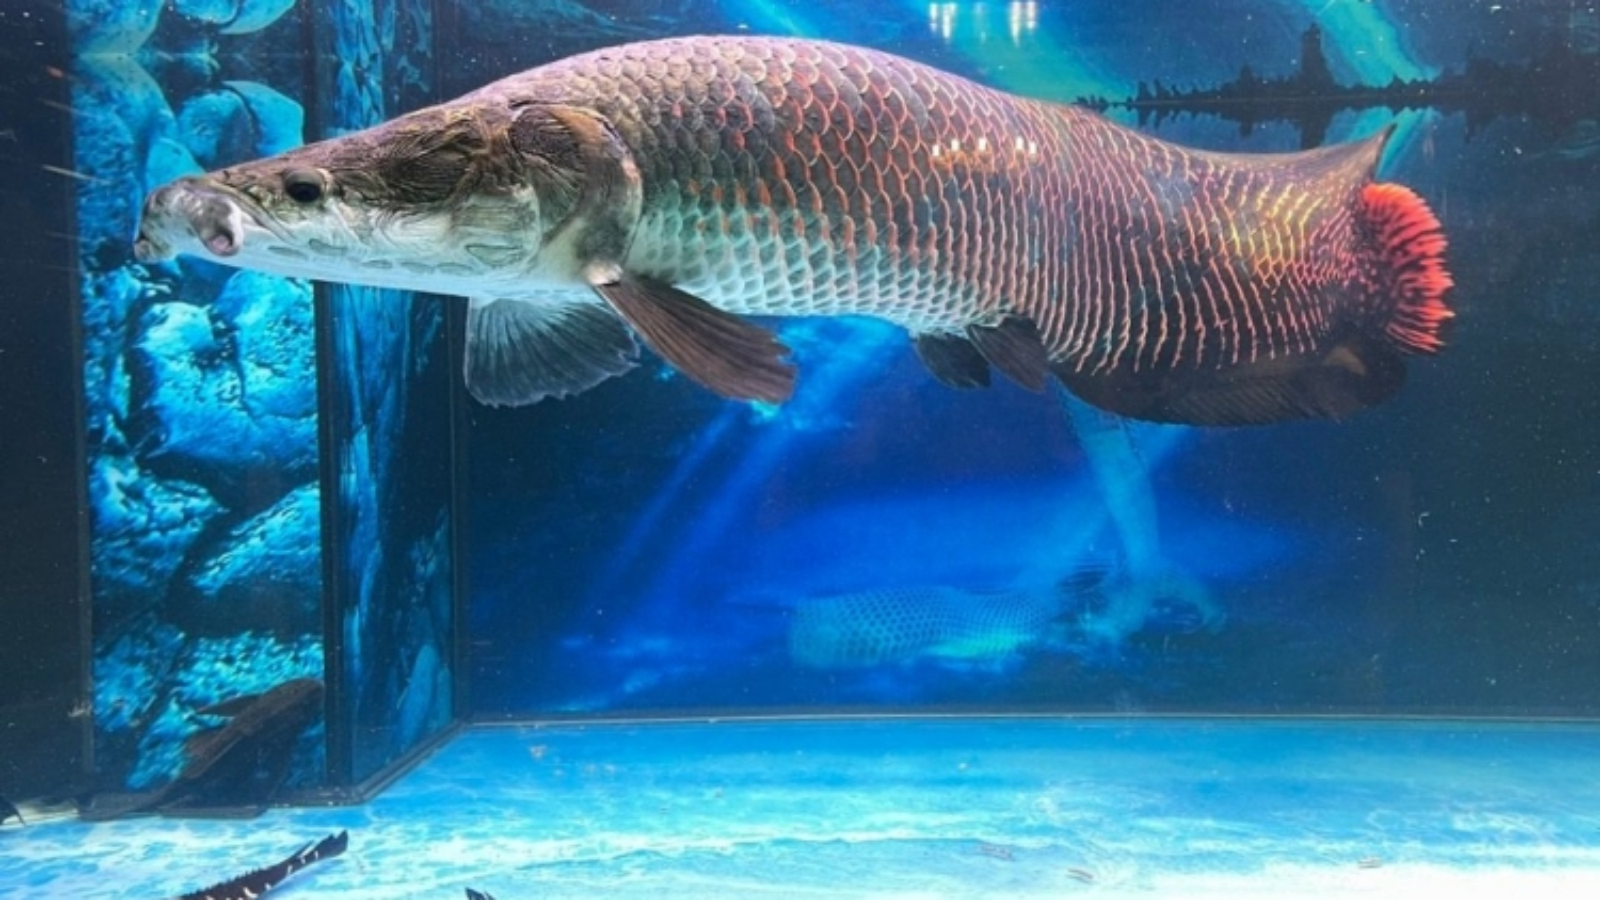 Nuôi loài cá lớn nhất sông Amazon, thú chơi vương giả của đại gia Việt